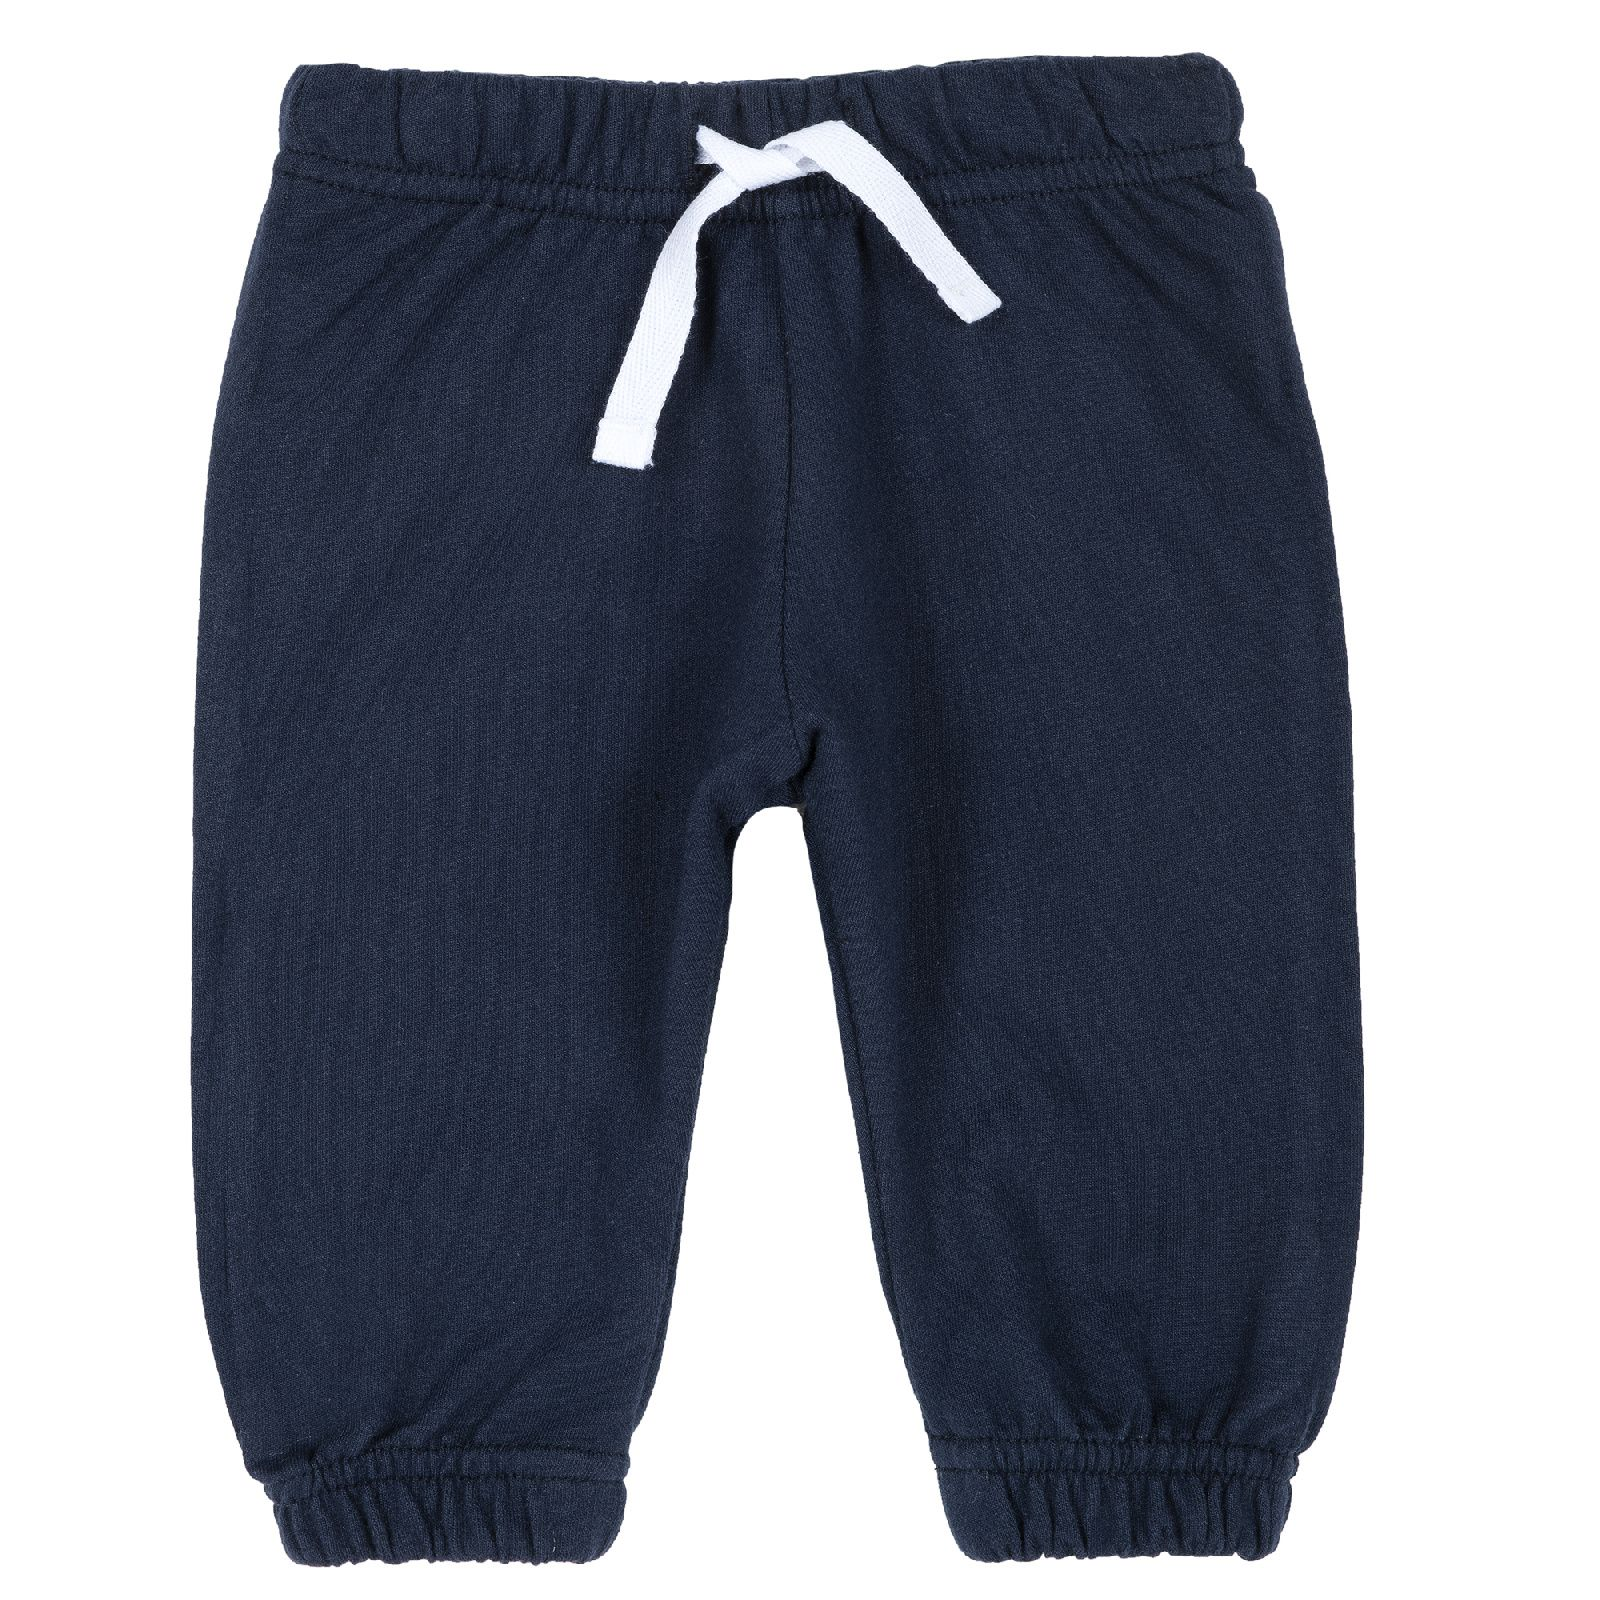 Купить 9008132, Брюки для мальчиков Chicco с белым шнурком, цвет темно-синий, размер 86, Детские брюки и шорты